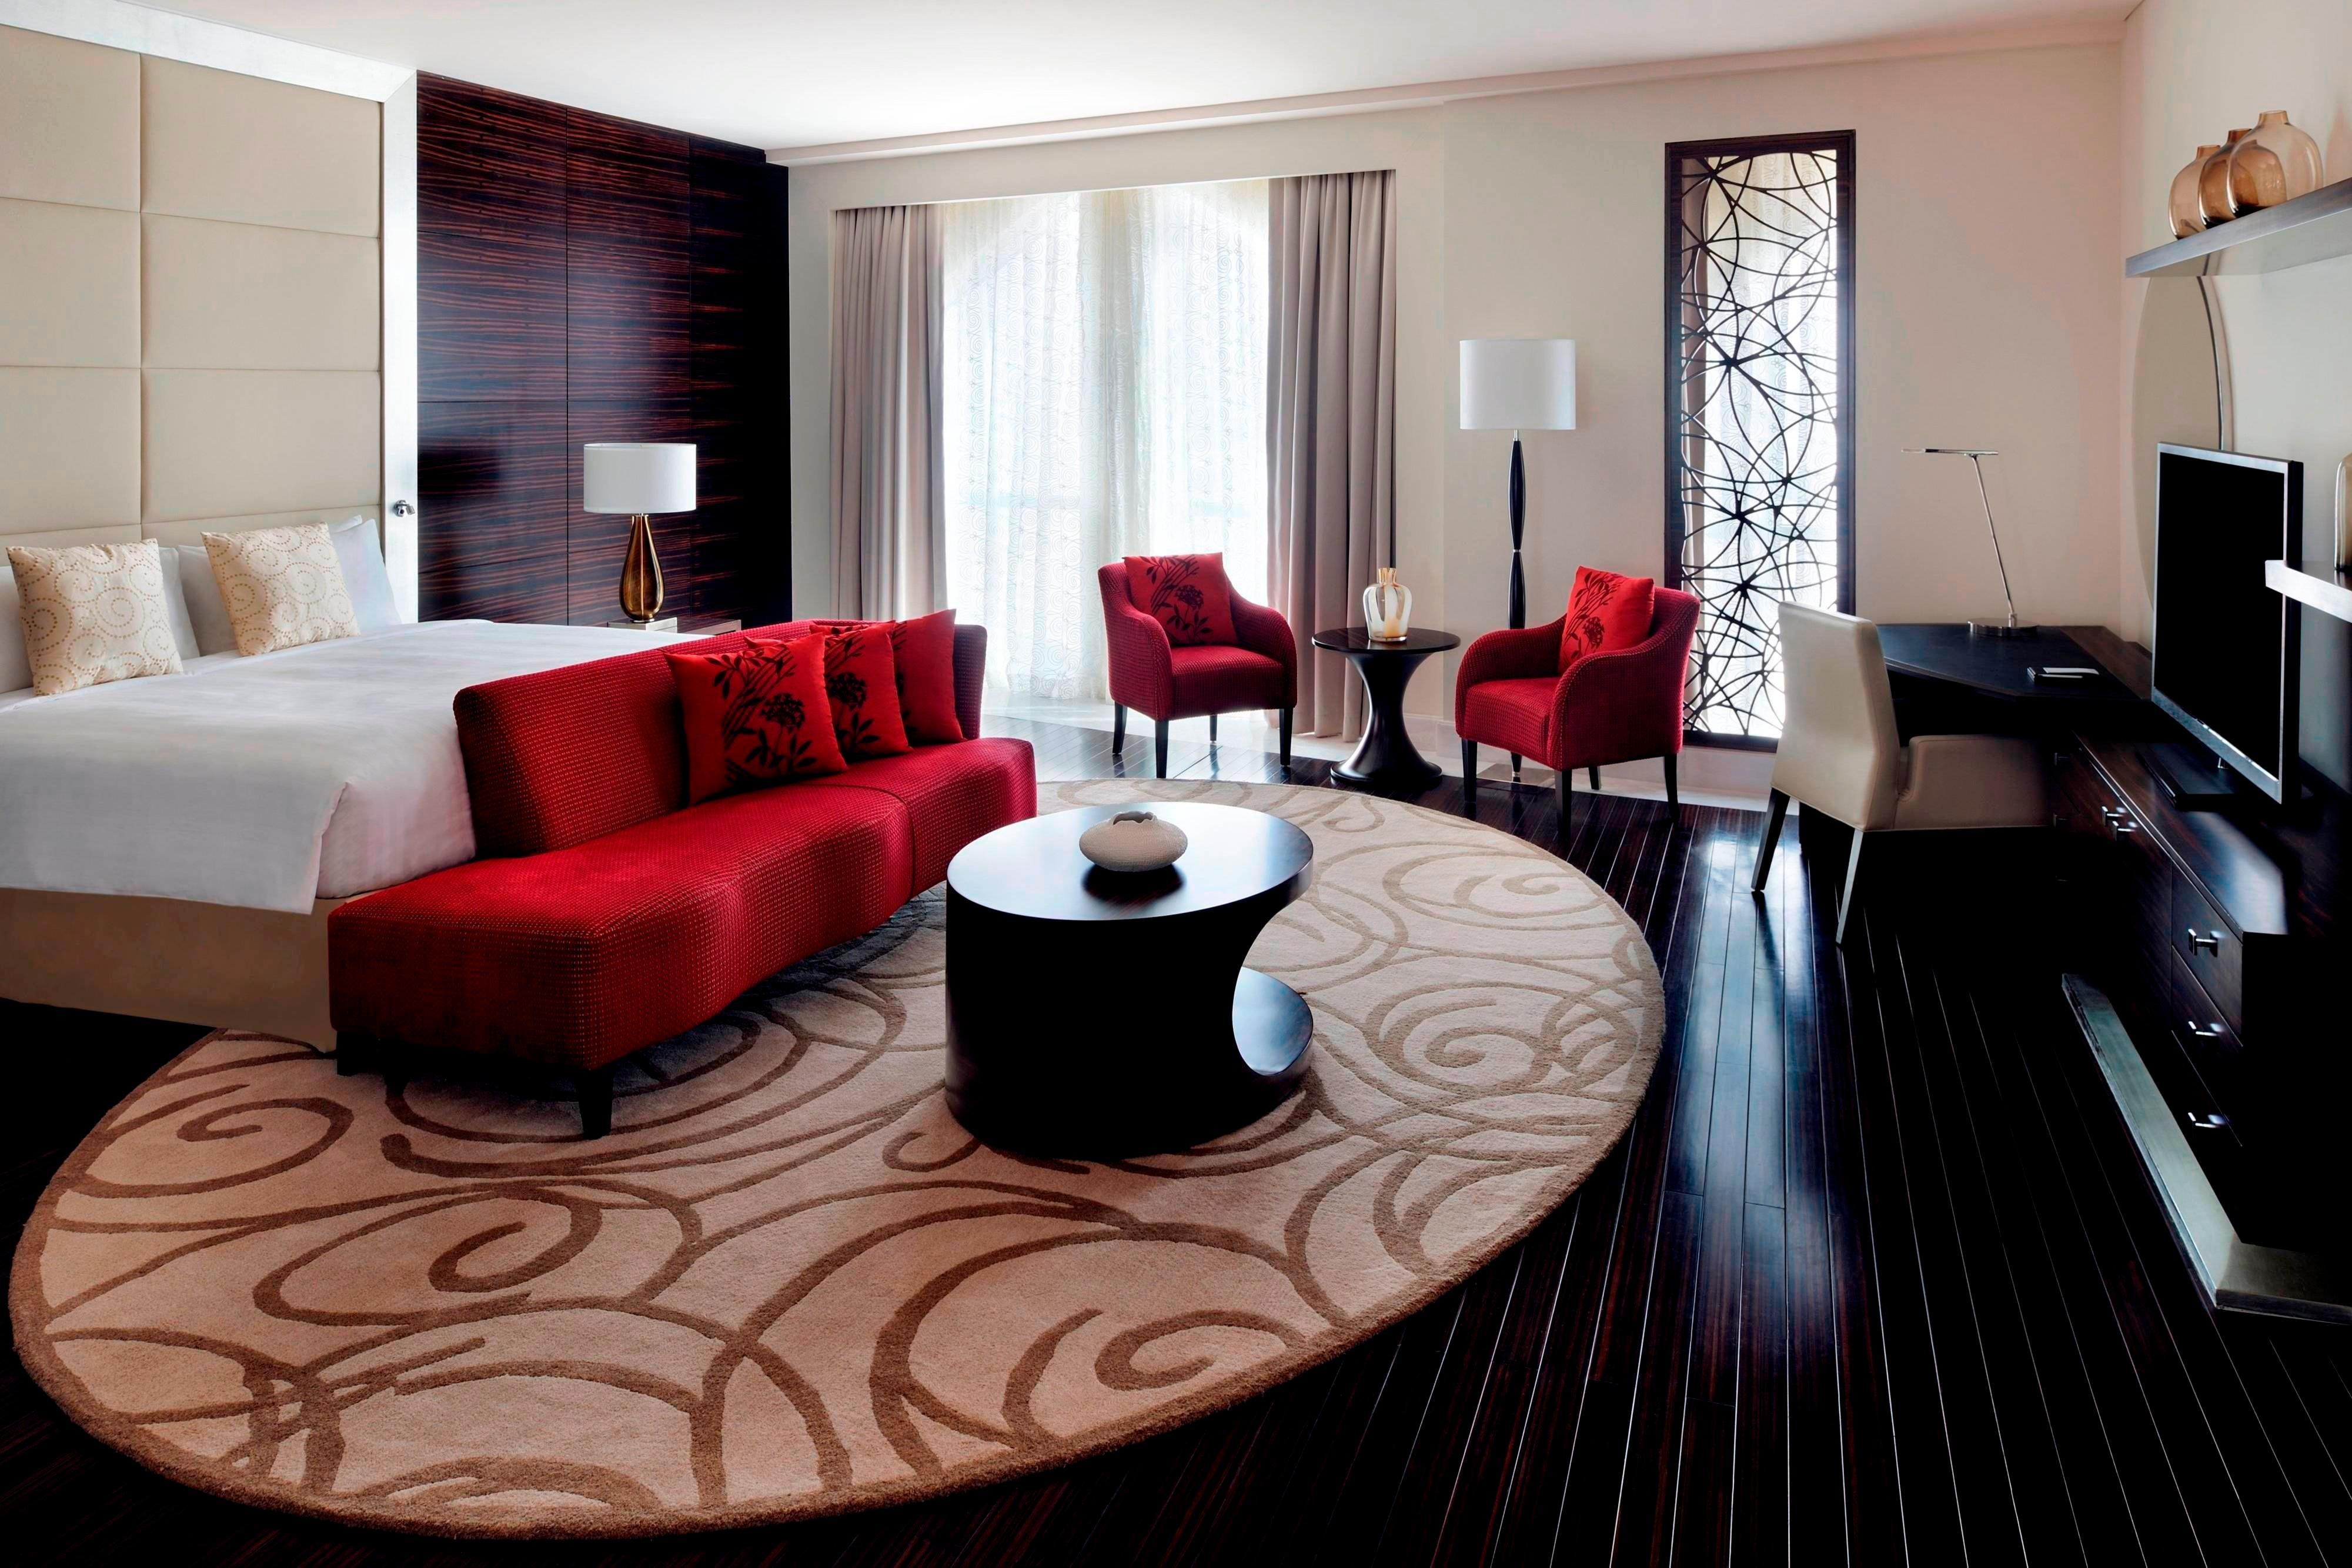 Luxus Suite in Dubai Hotel